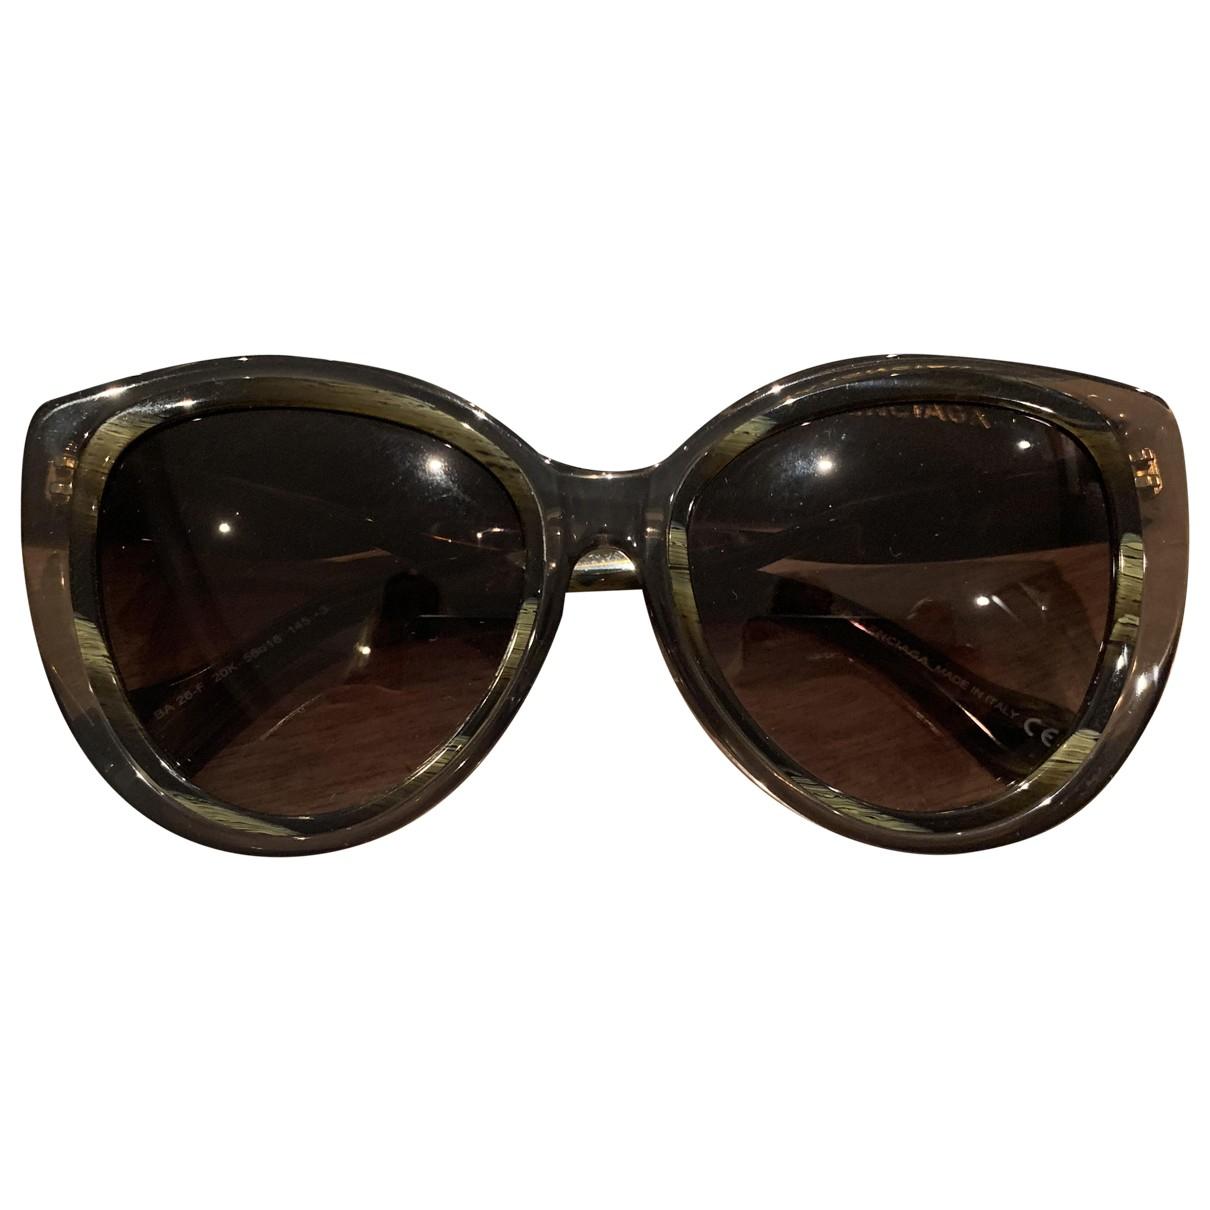 Gafas oversize Balenciaga